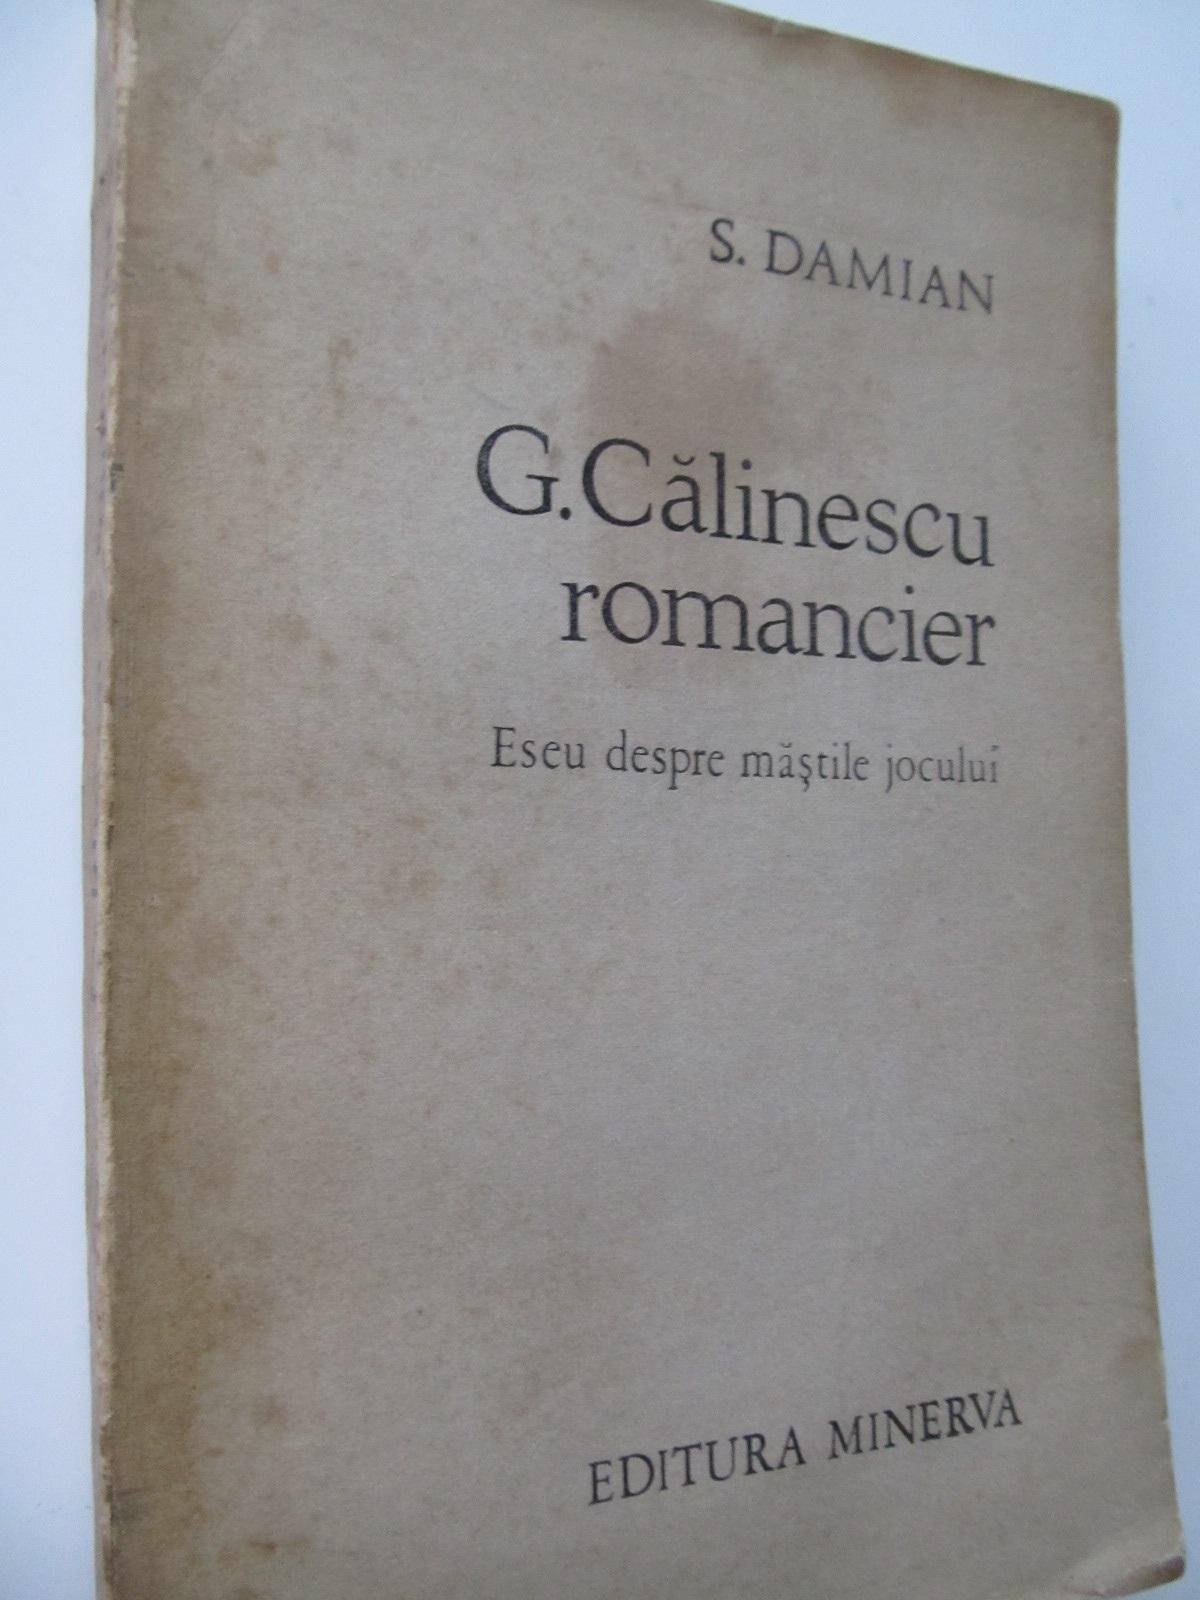 G. Calinescu romancier - Eseu despre mastile jocului - S. Damian | Detalii carte